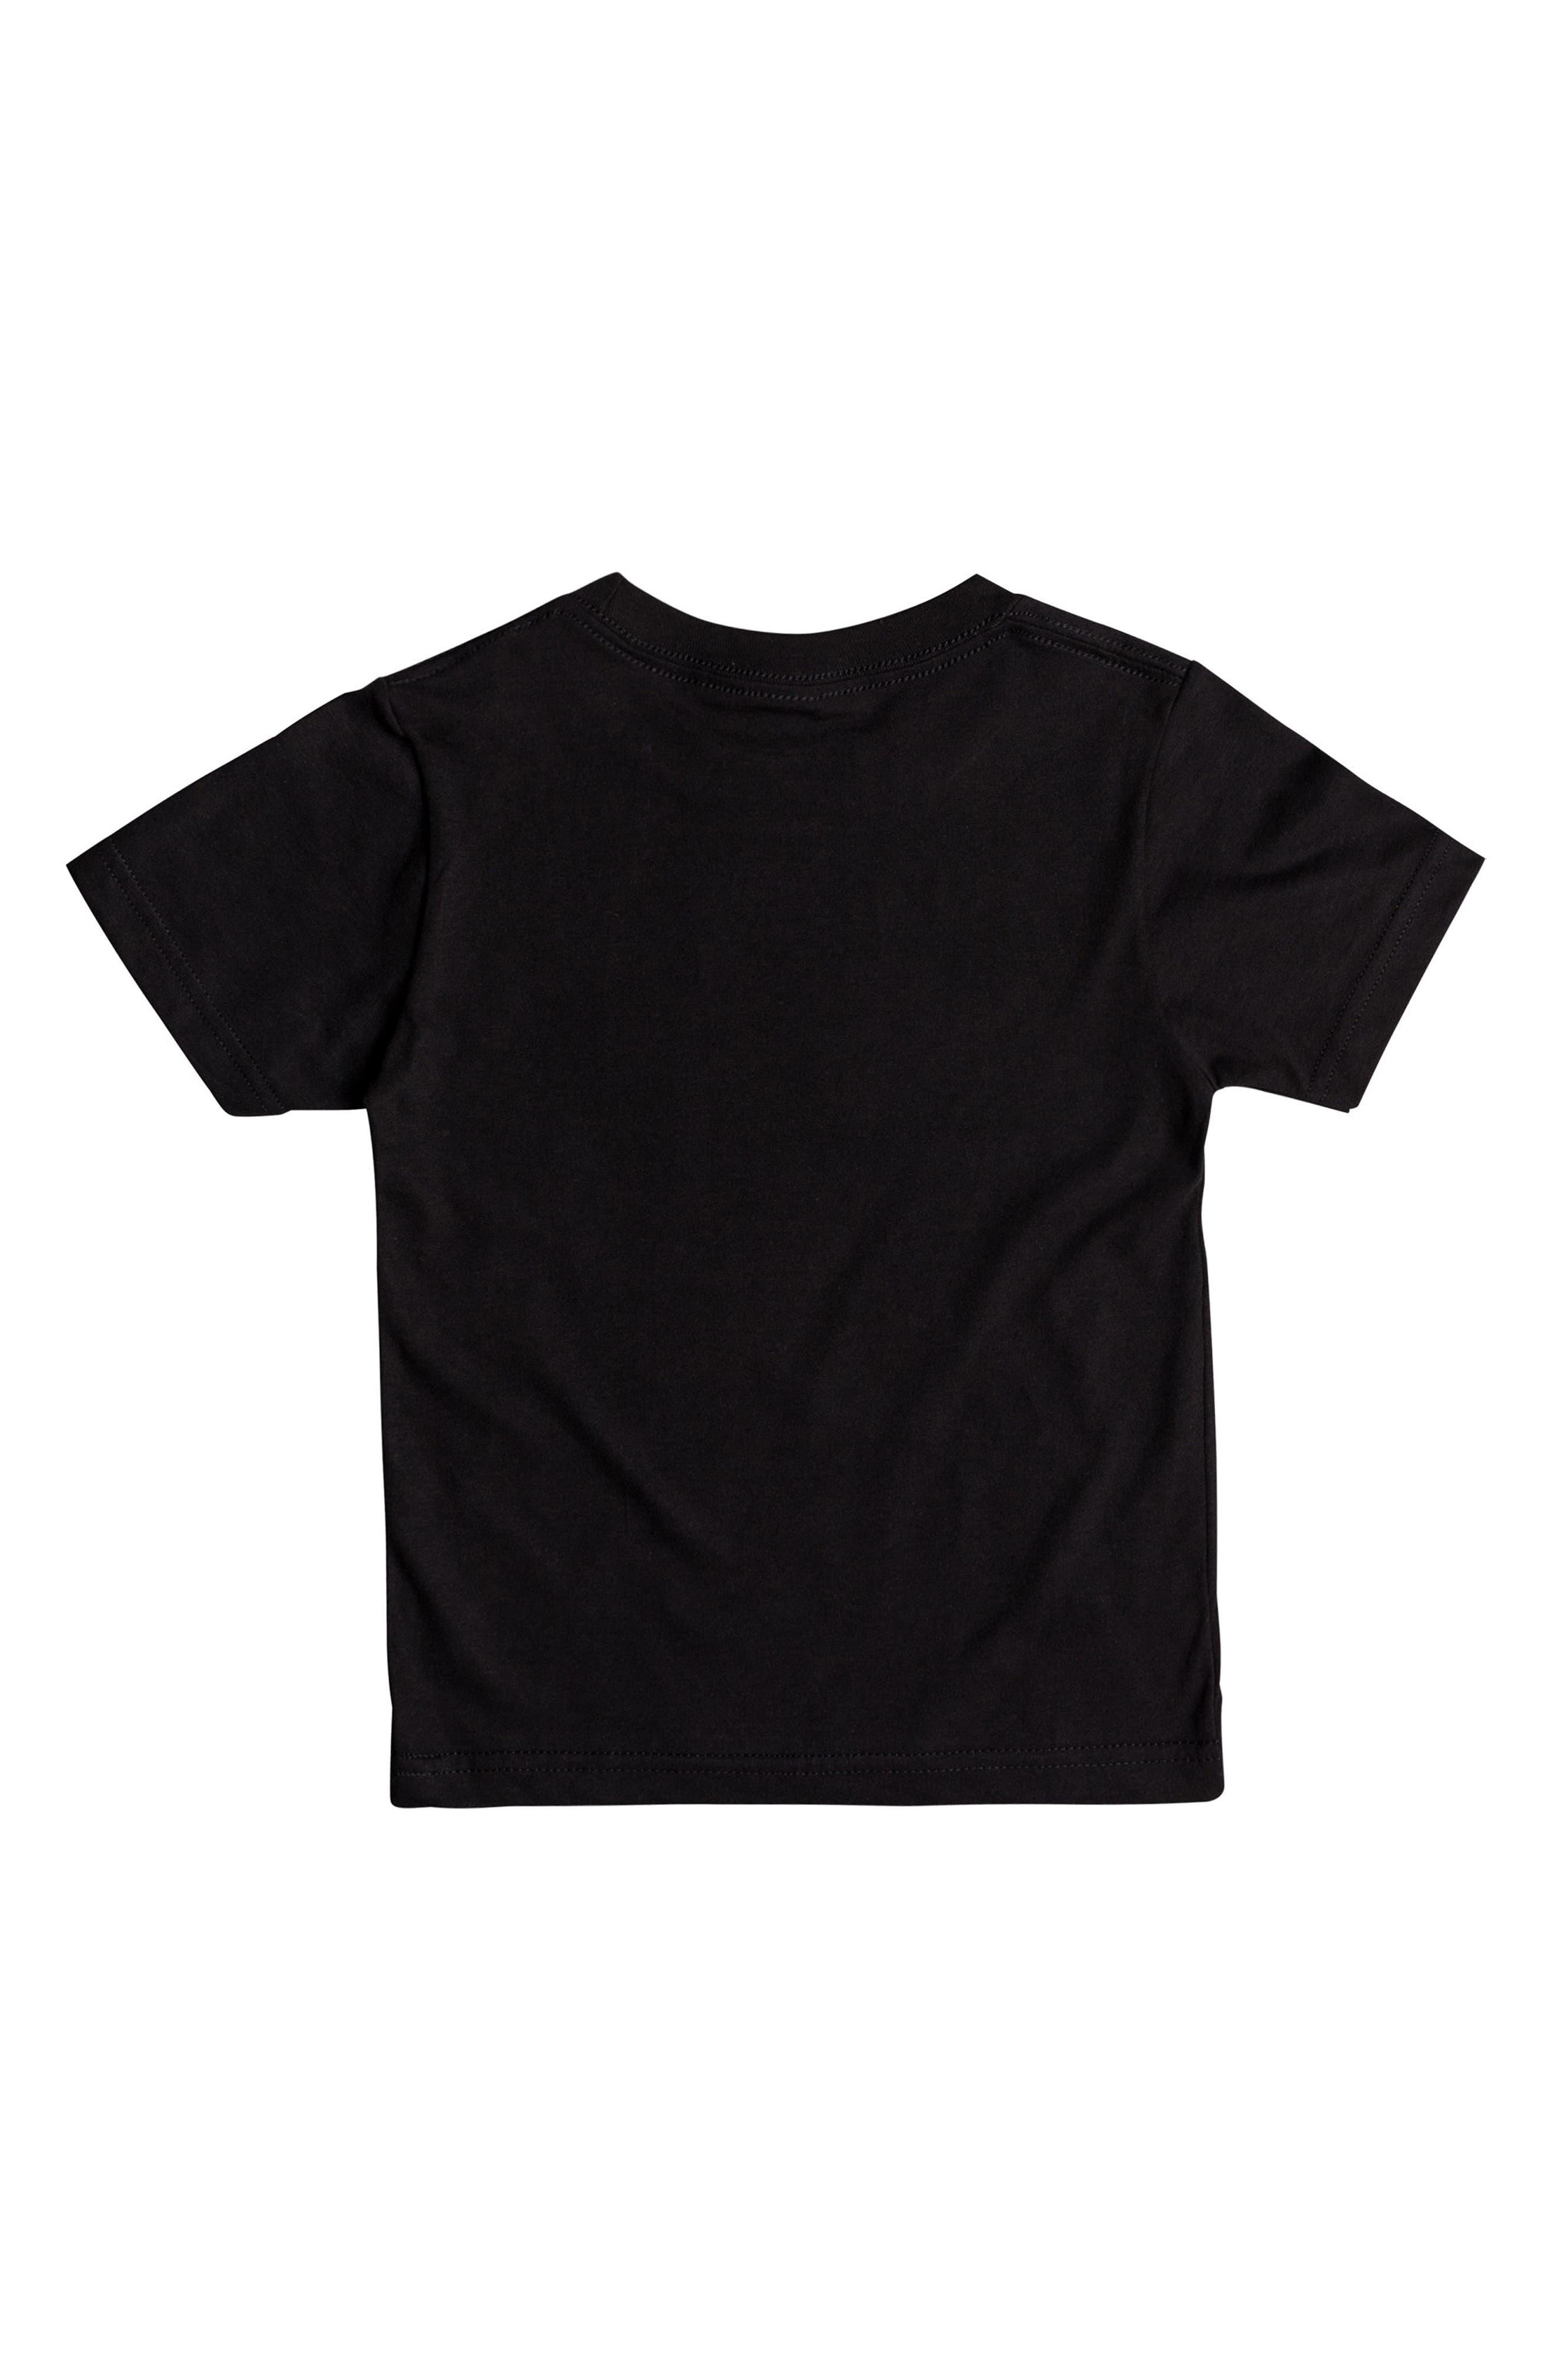 Loud Places Graphic T-Shirt,                             Alternate thumbnail 2, color,                             002